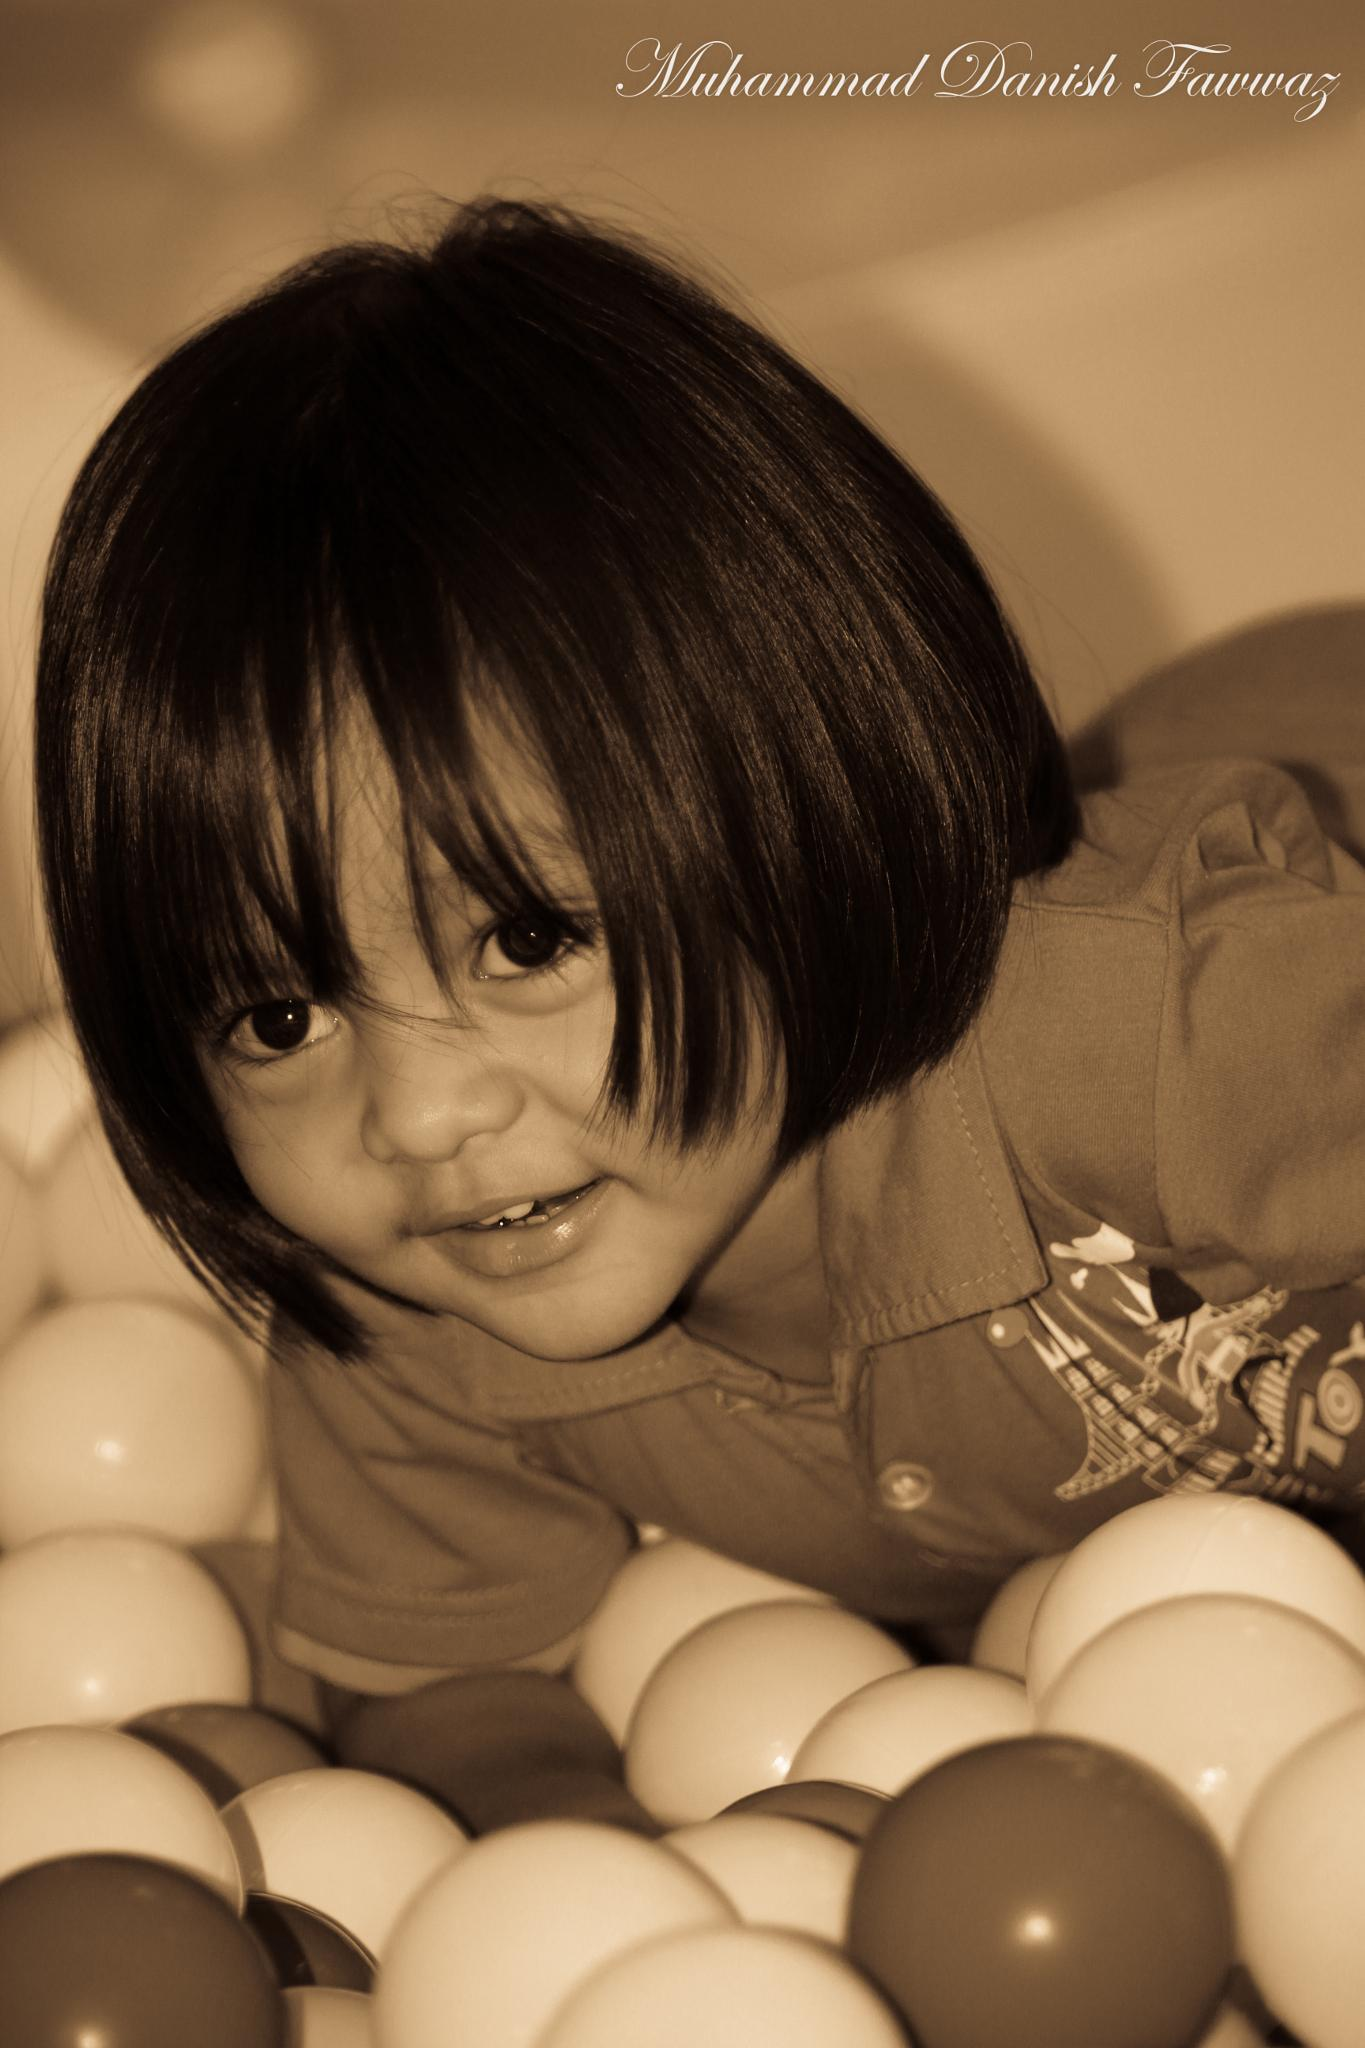 My Boy by Mohd Hafiz